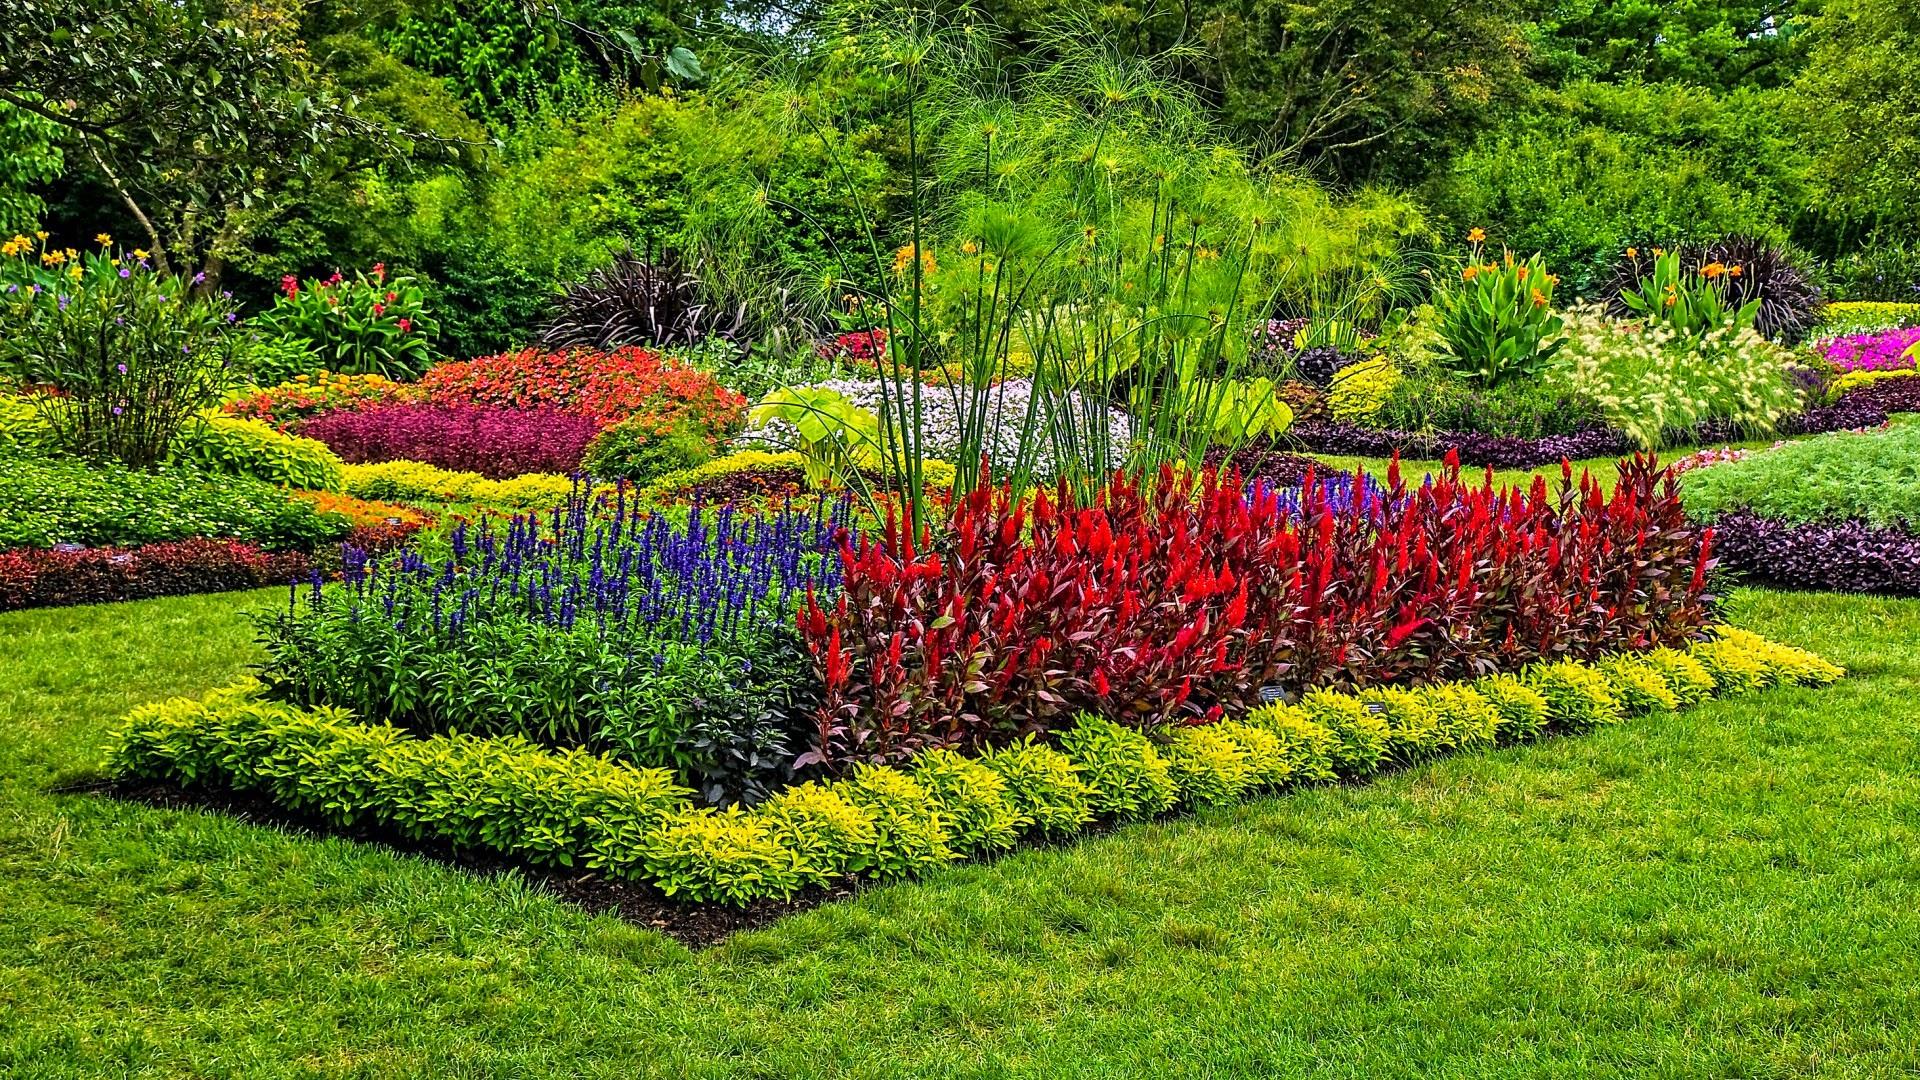 Im genes de jardines muy coloridos fotos e im genes en - Fotos de jardines ...